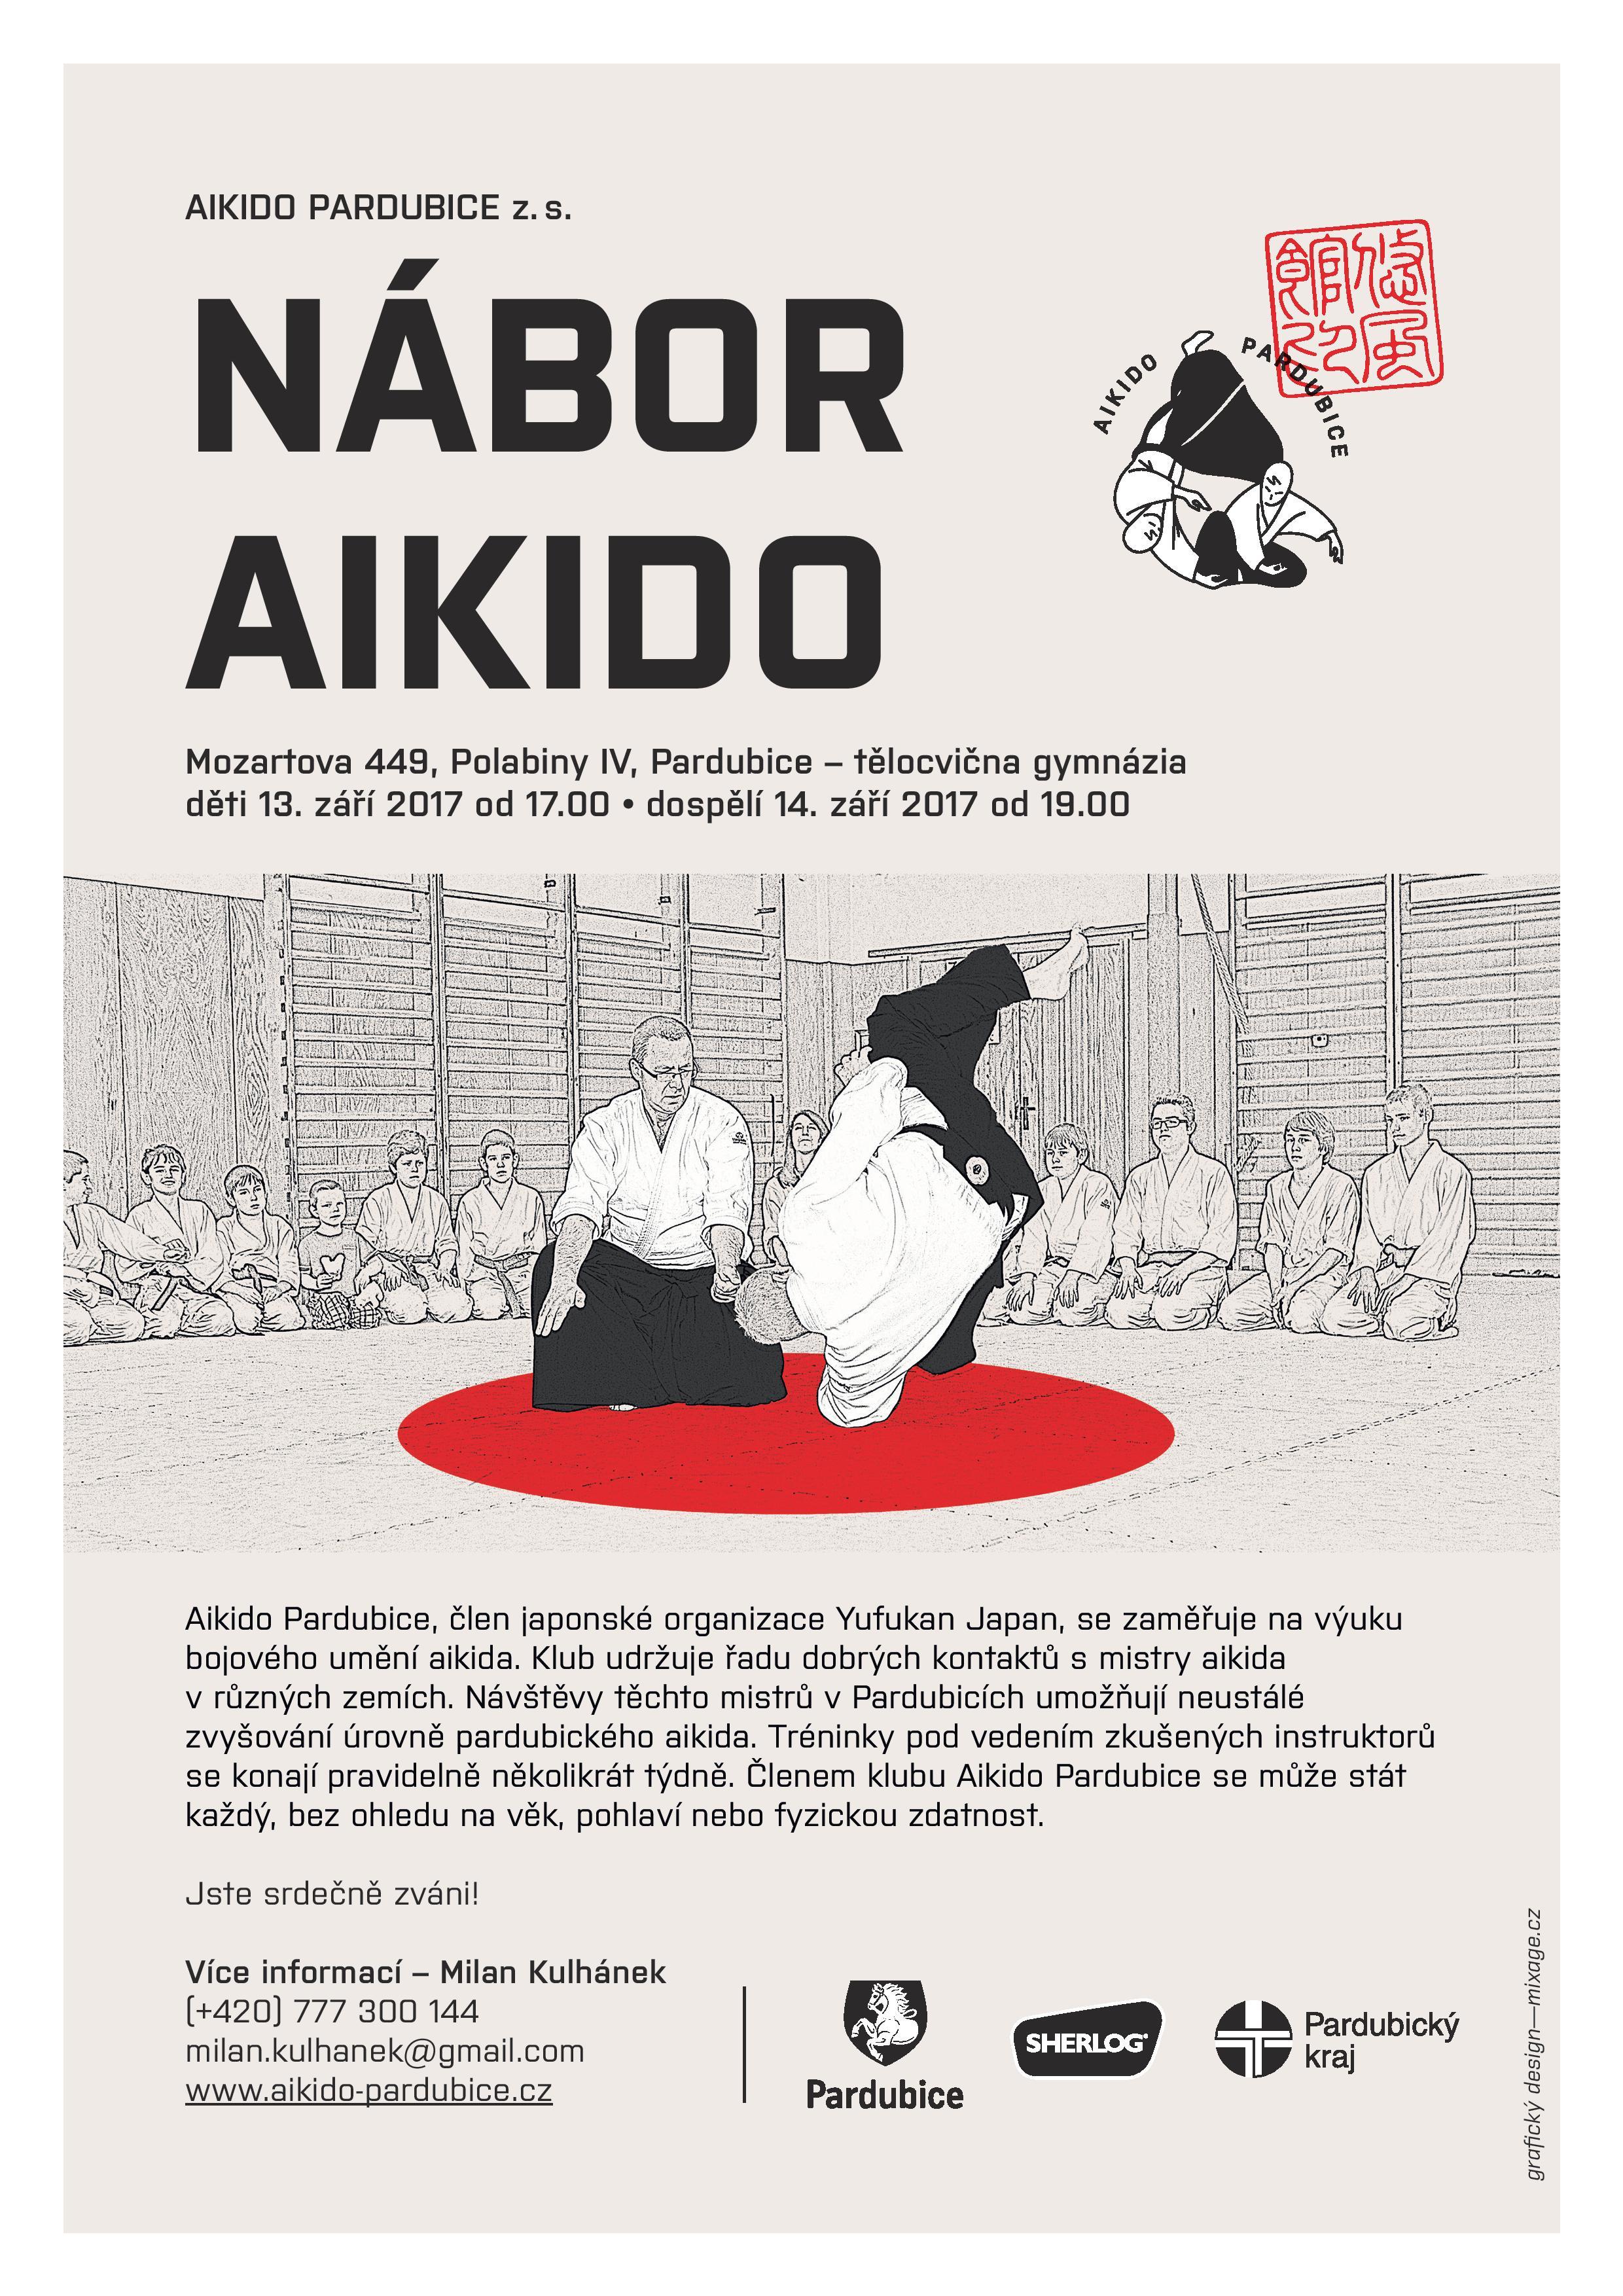 Aikido_Pardubice_Nabor_2017